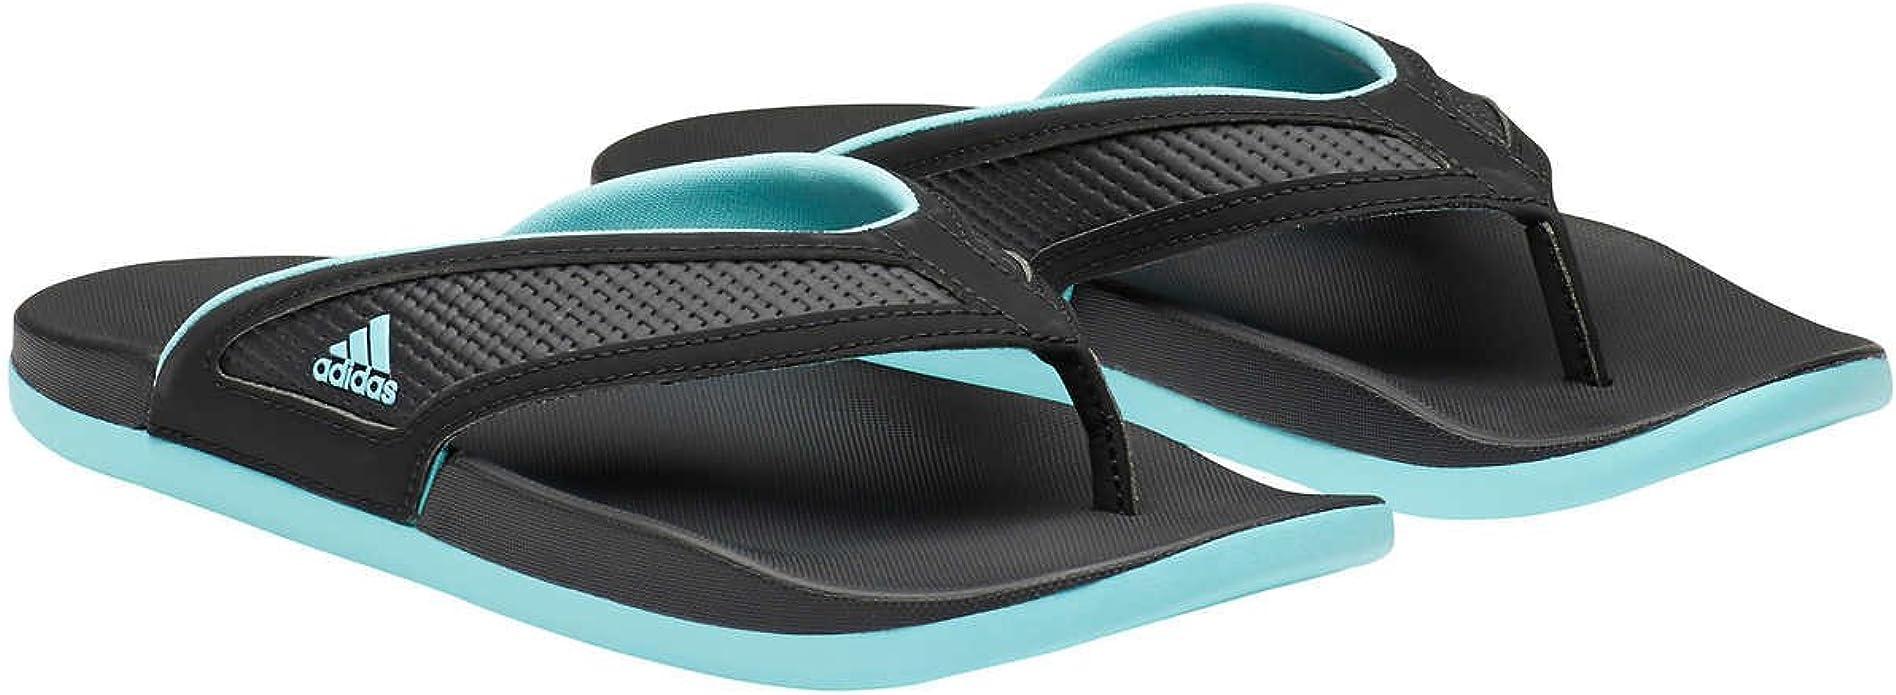 Adidas Ladies' Adilette Summer -Comfort